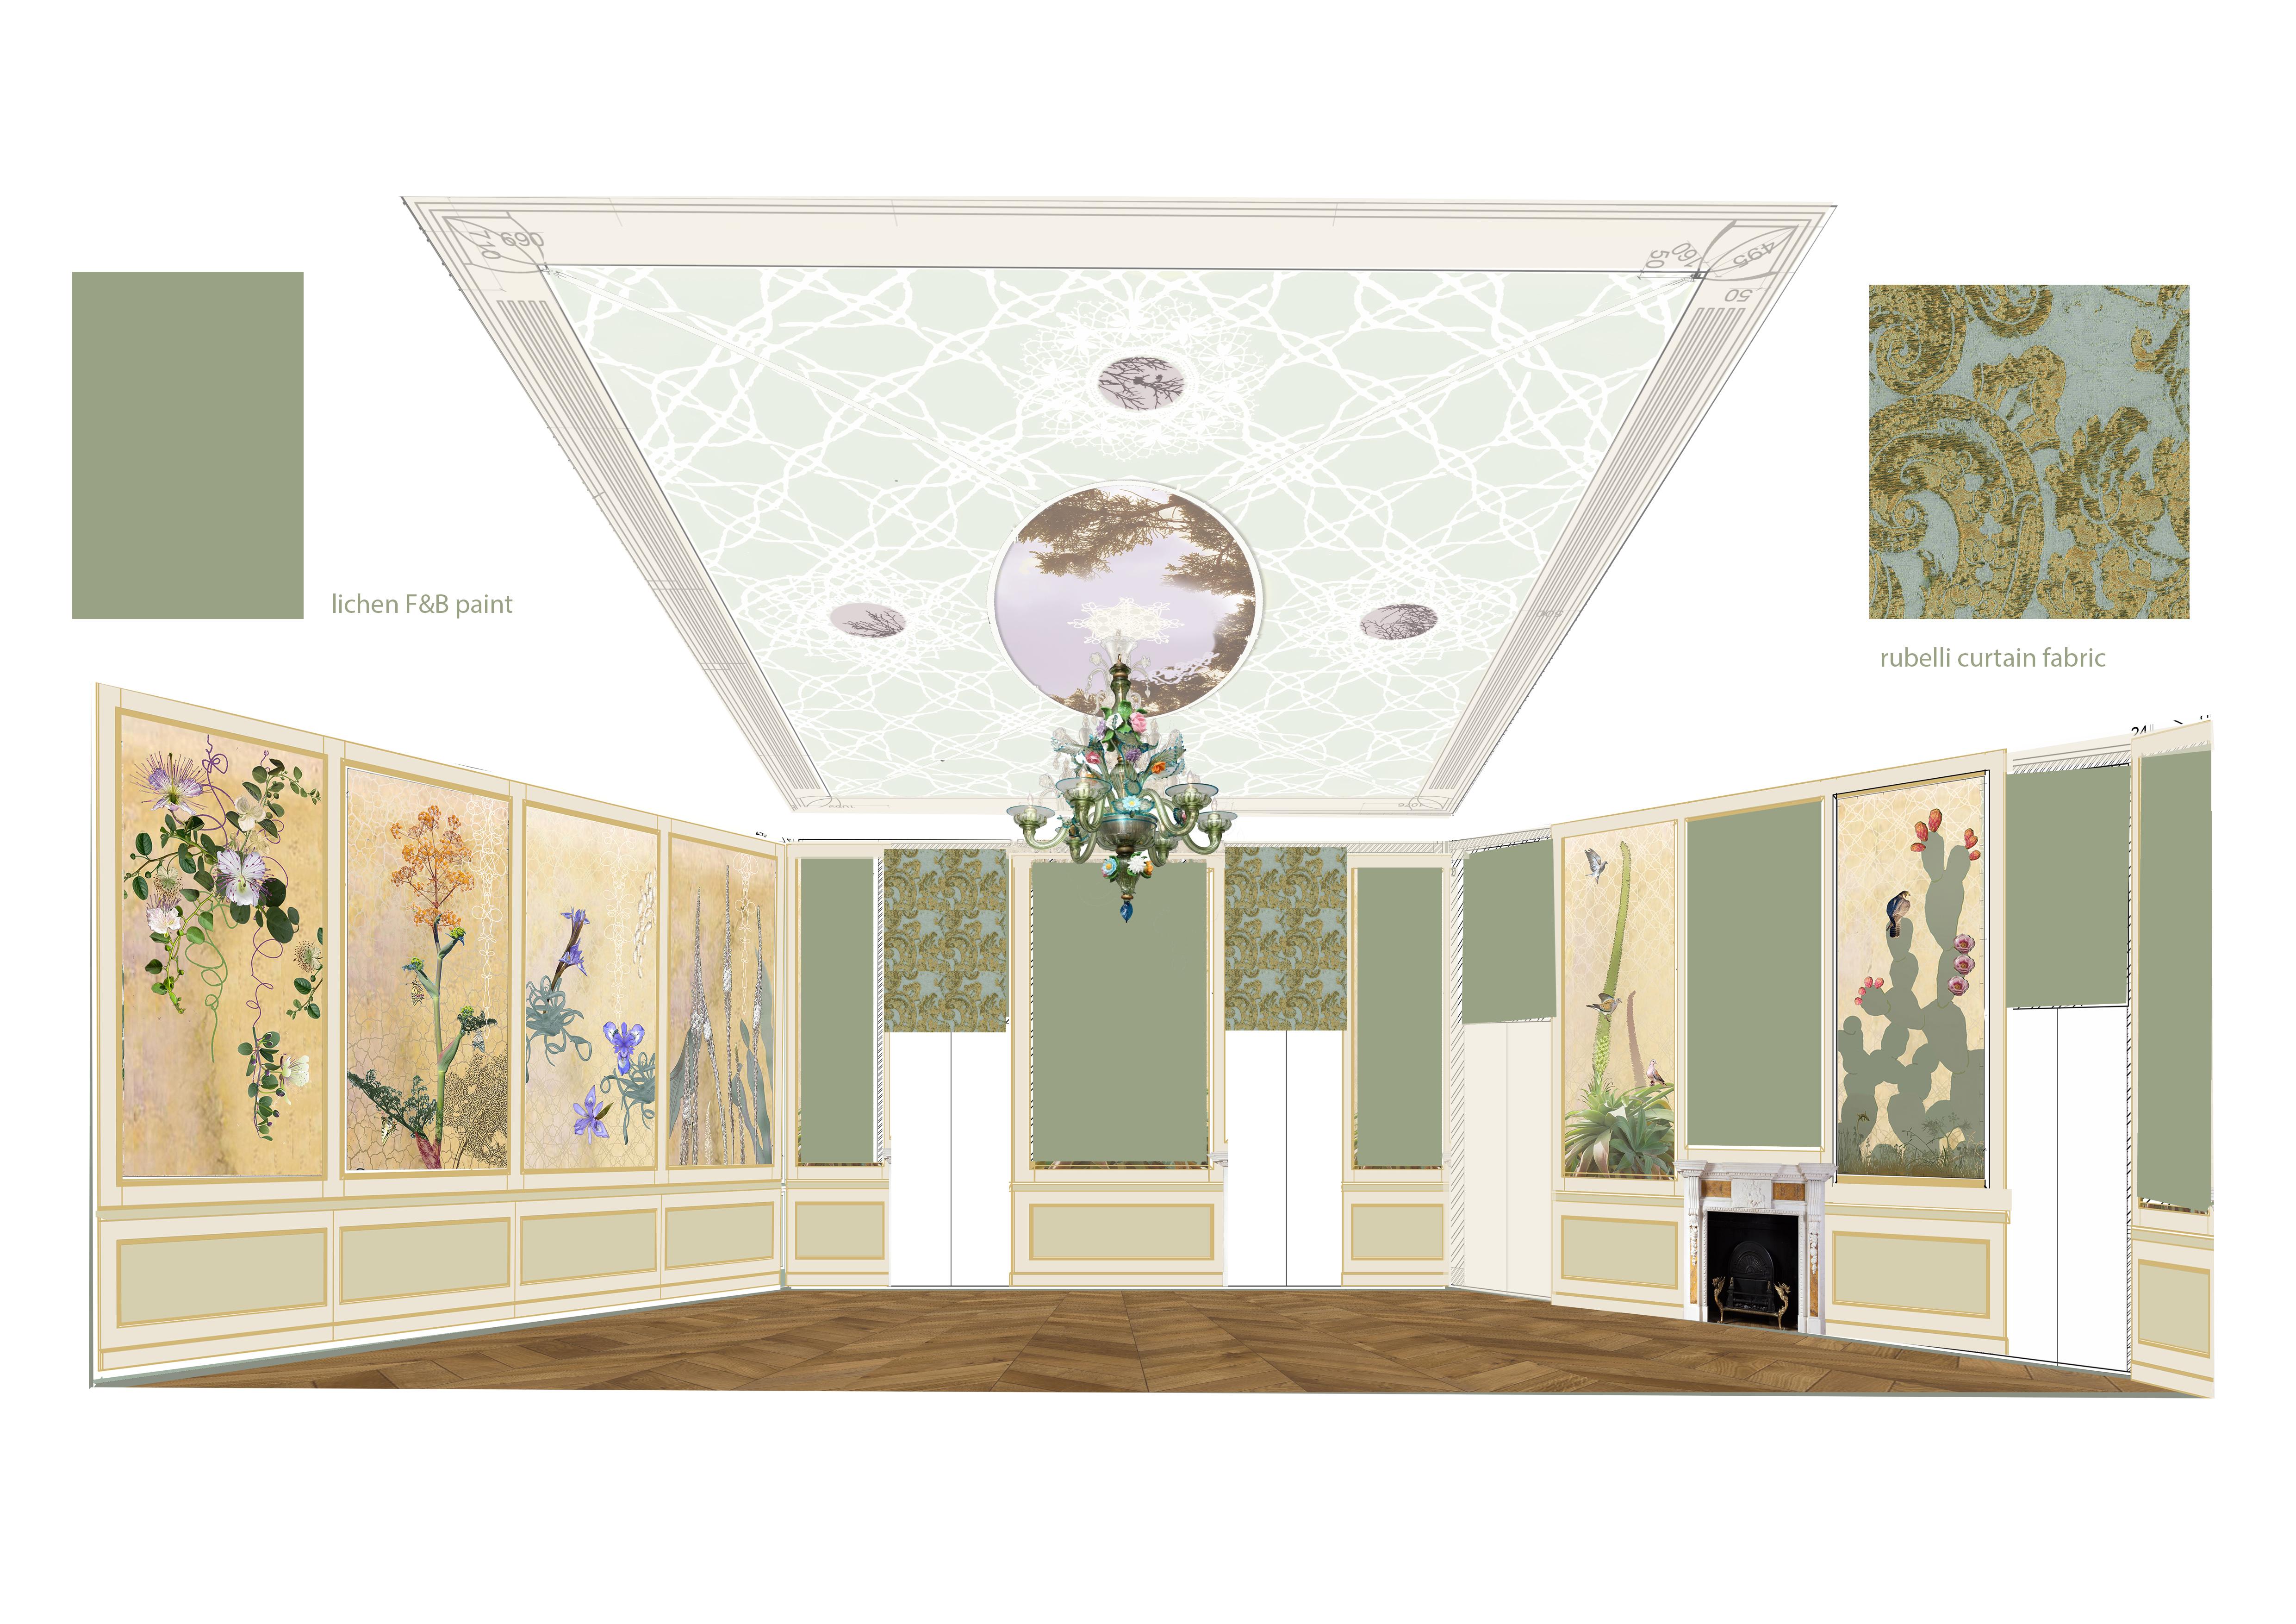 grand salon - paint scheme 30.04.17